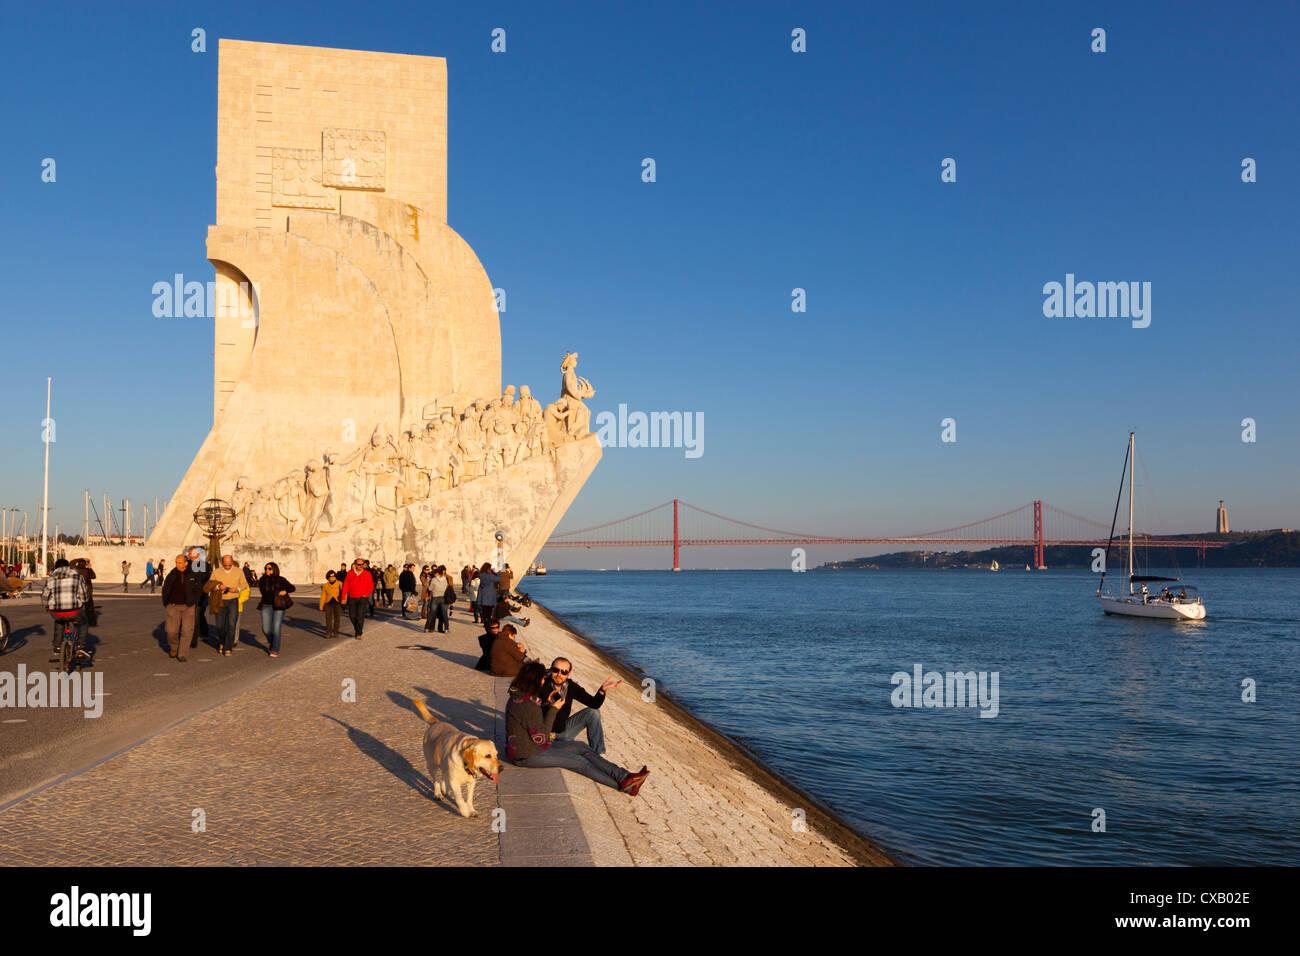 Il Monumento delle Scoperte accanto al fiume Tago, Belem, Lisbona, Portogallo, Europa Immagini Stock